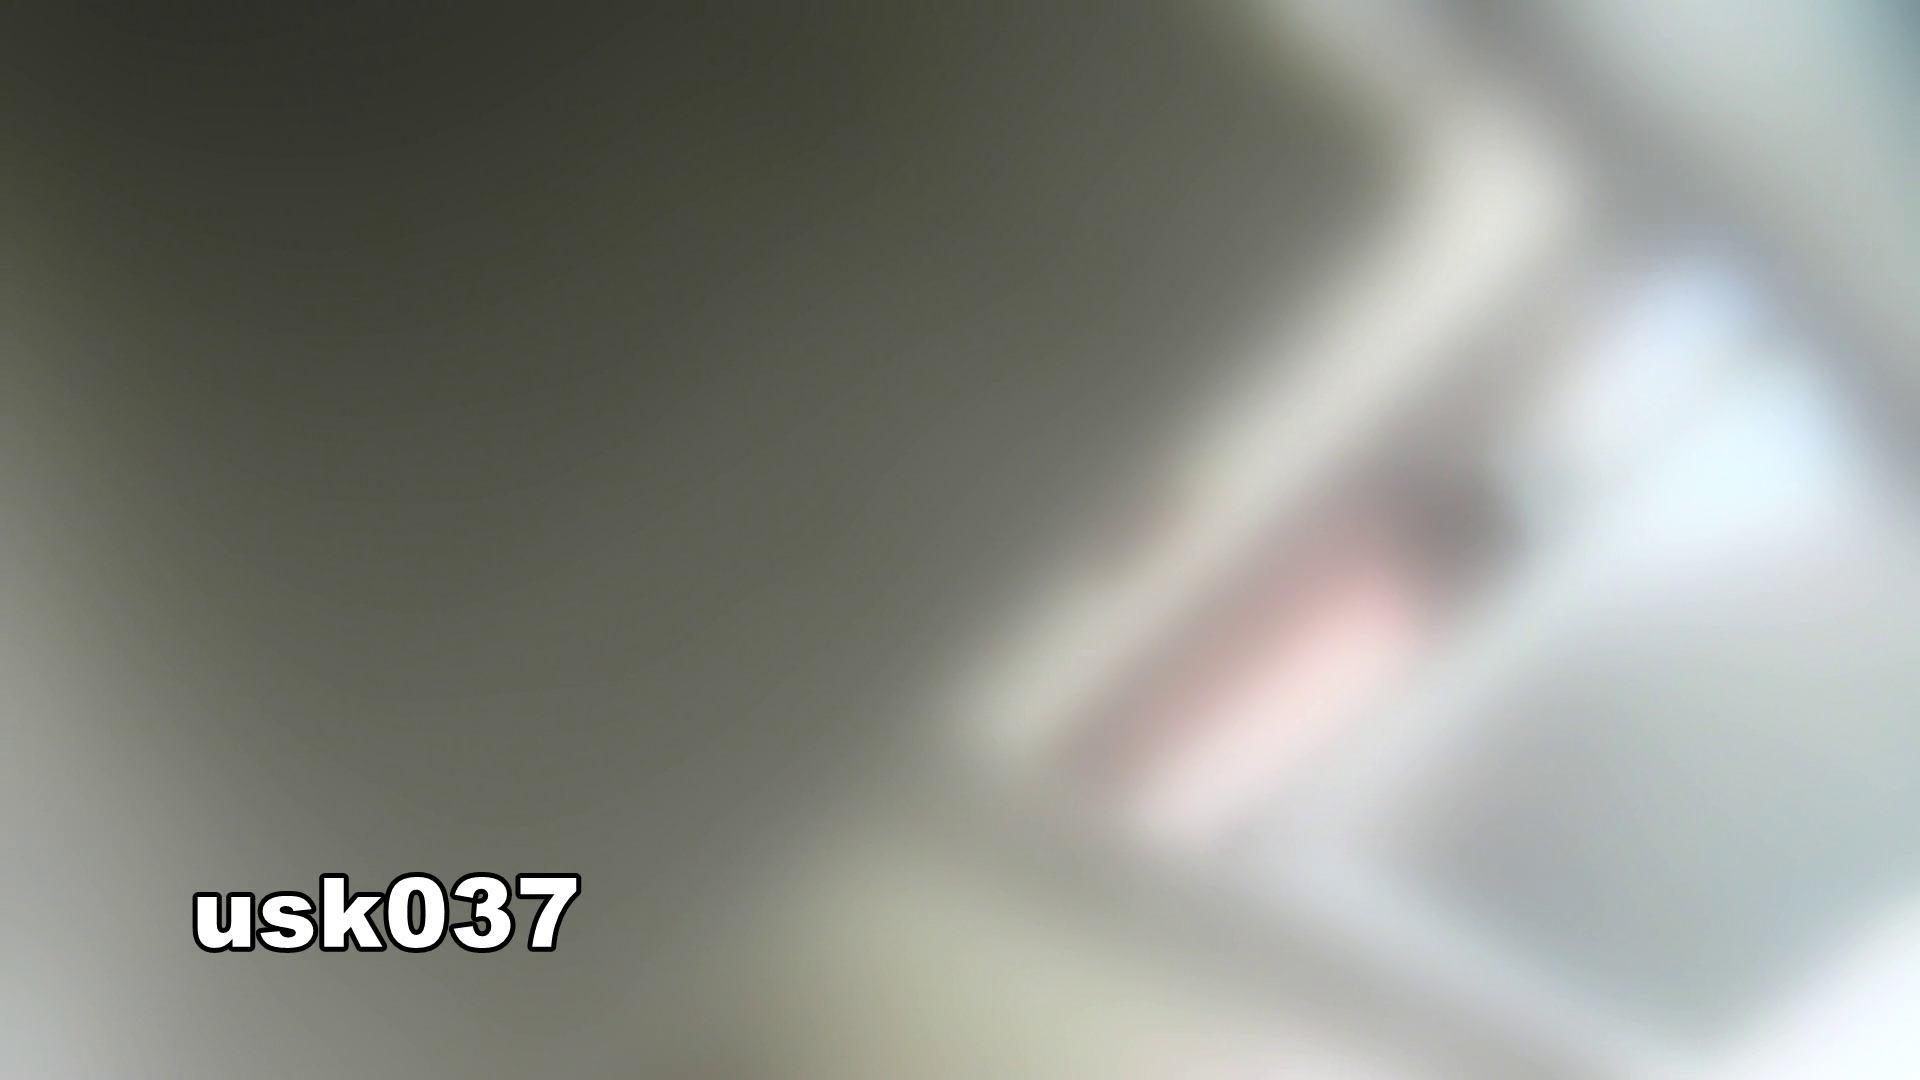 【美しき個室な世界】 vol.037 ひねり出す様子(フトイです) 高画質 ワレメ動画紹介 51画像 14